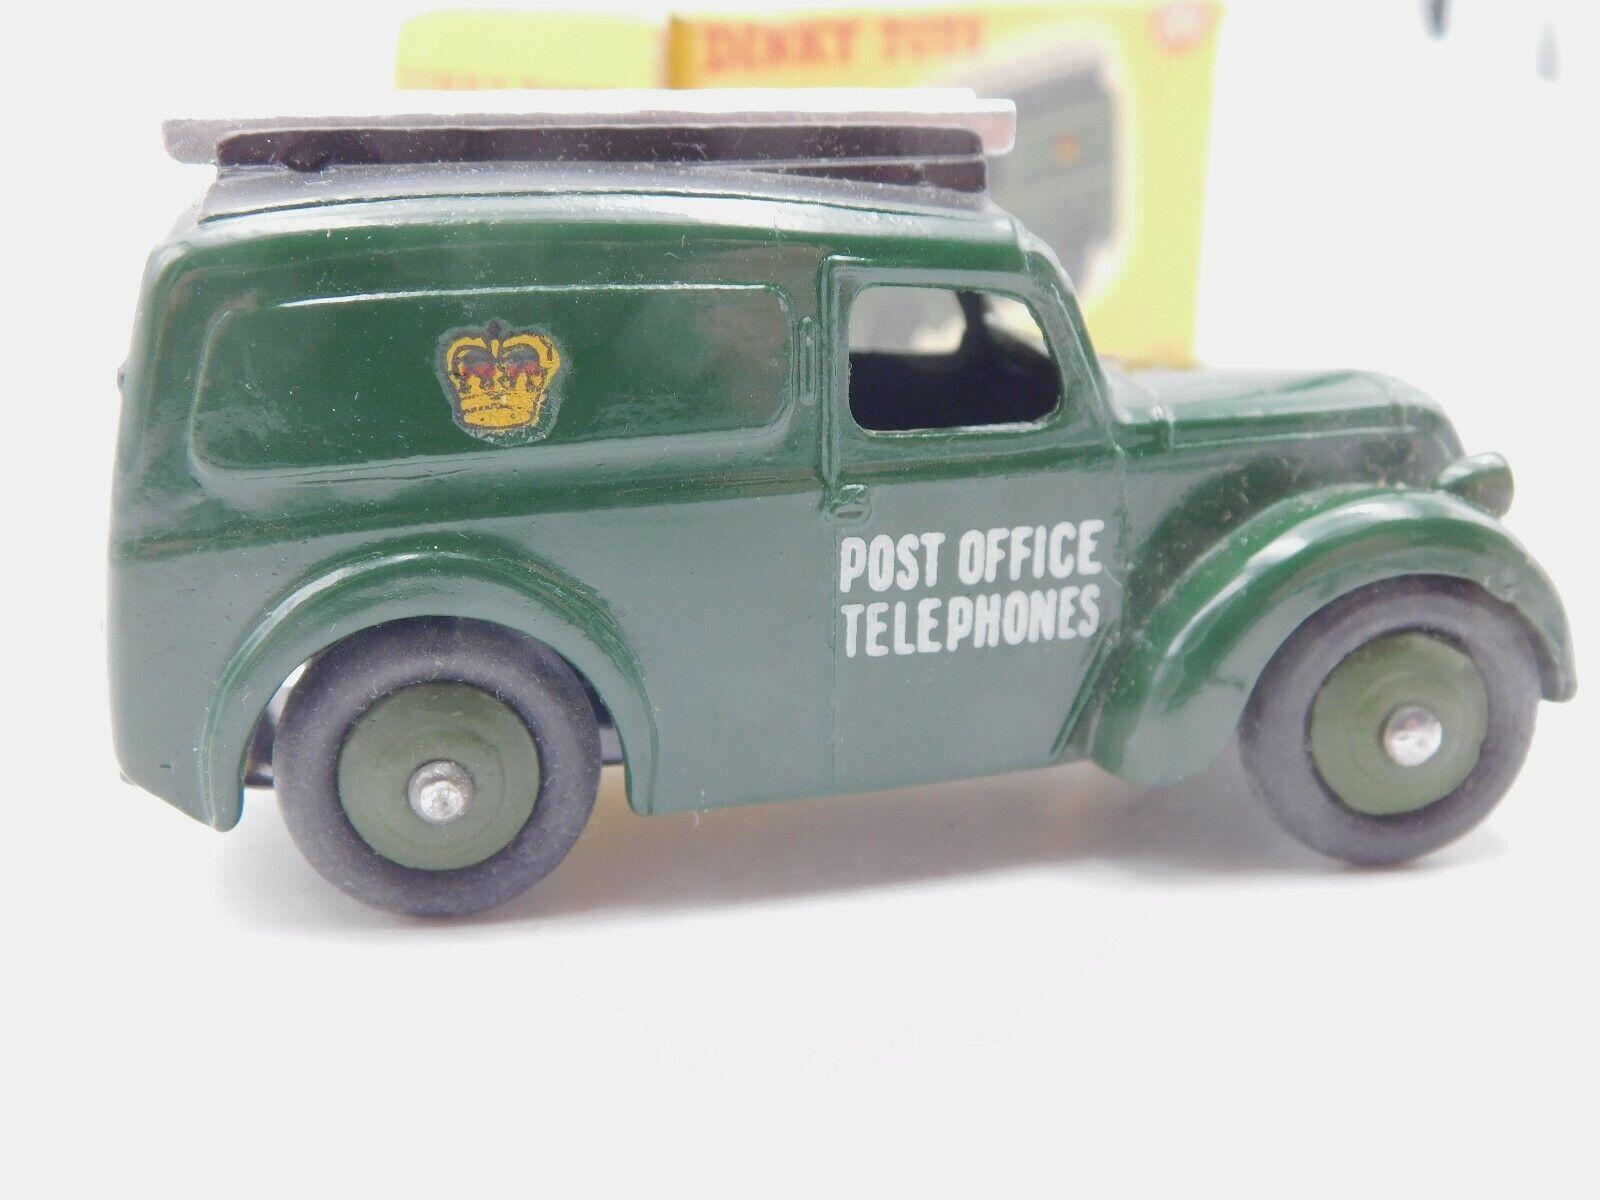 DINKY TOYS 261  MORRIS TELEPHONE SERVICE VAN    1 43  OVP  1955